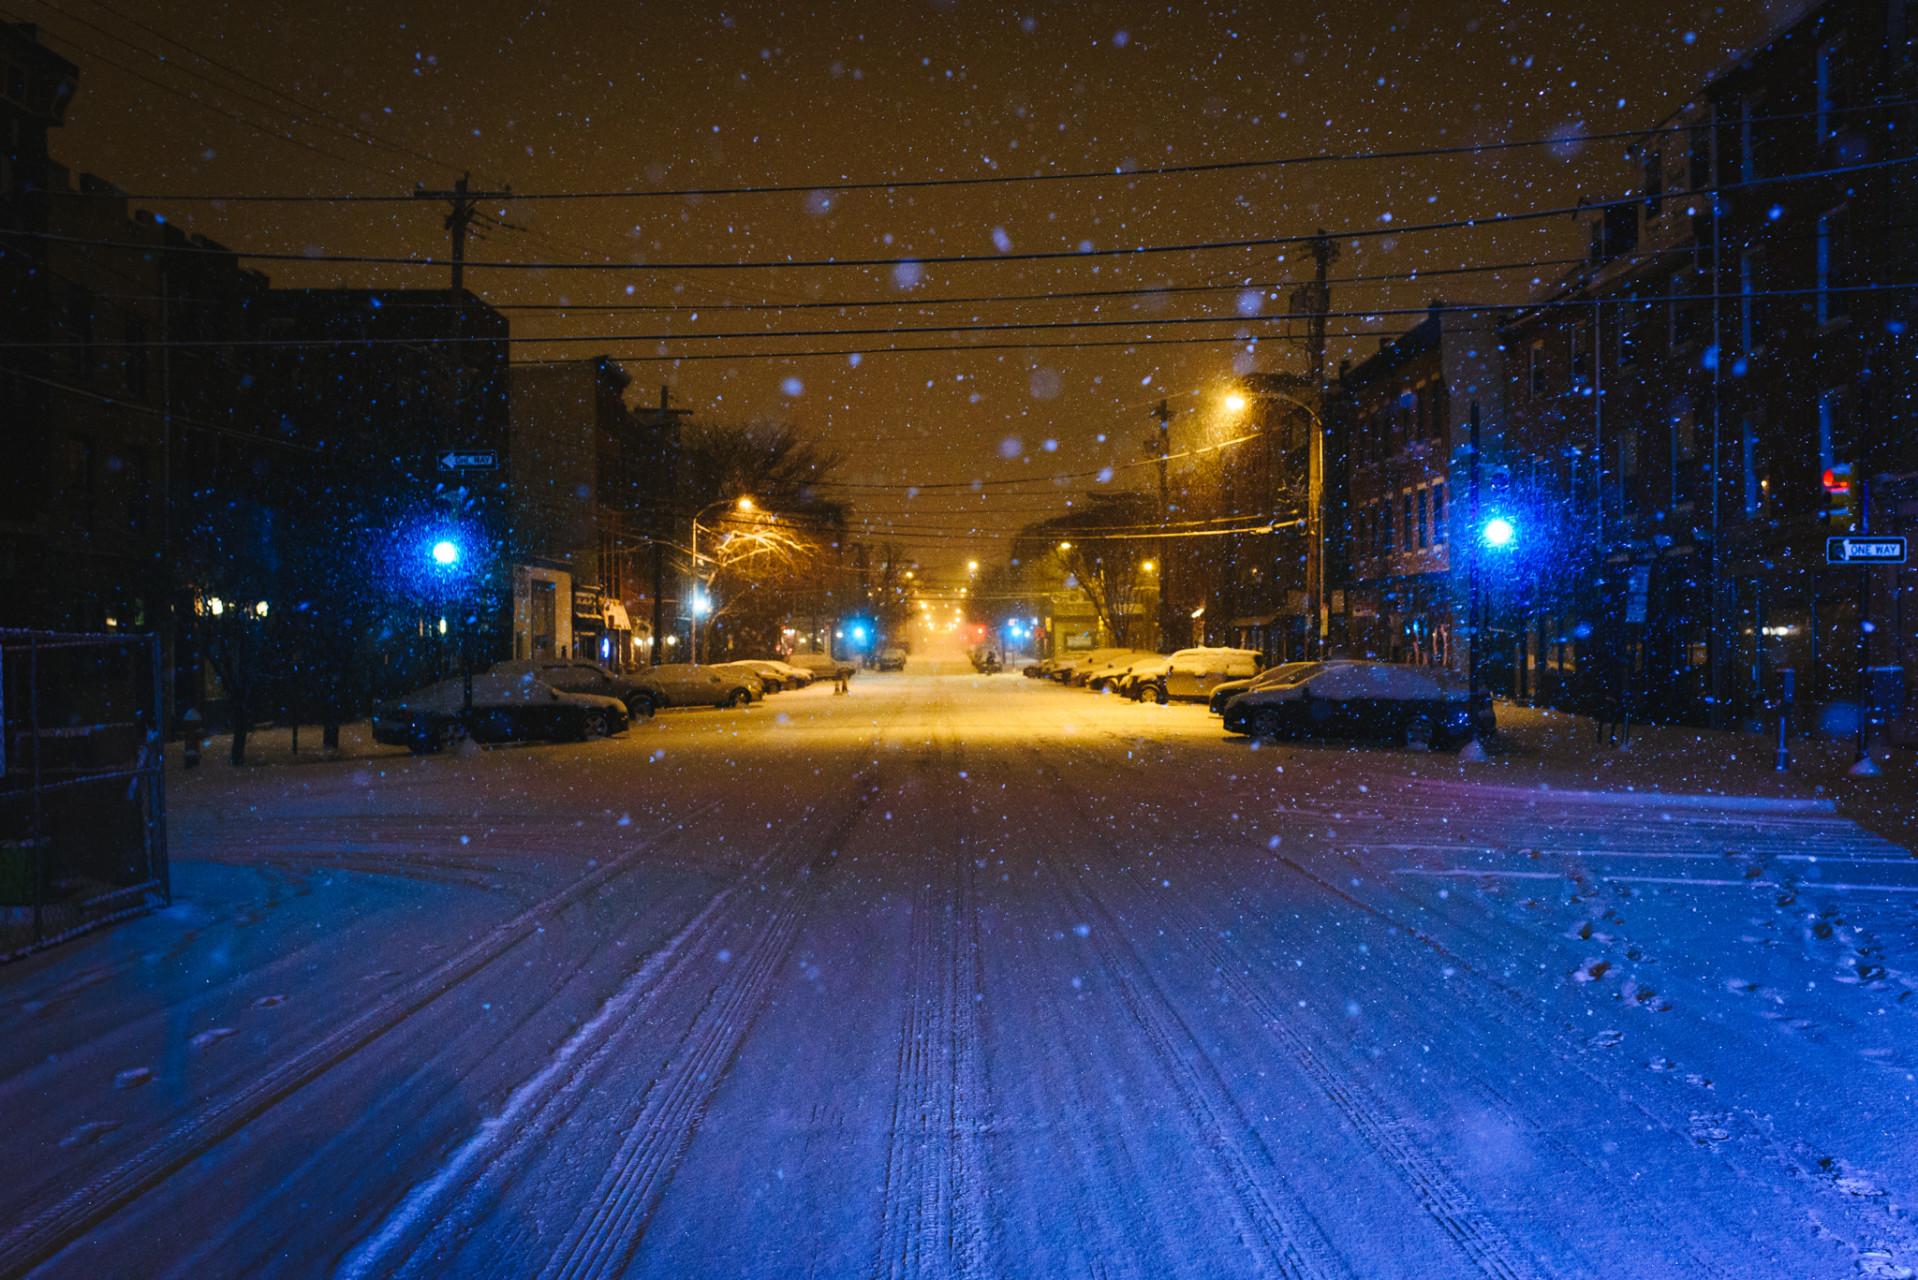 Snowstorm_GARFINKEL-5